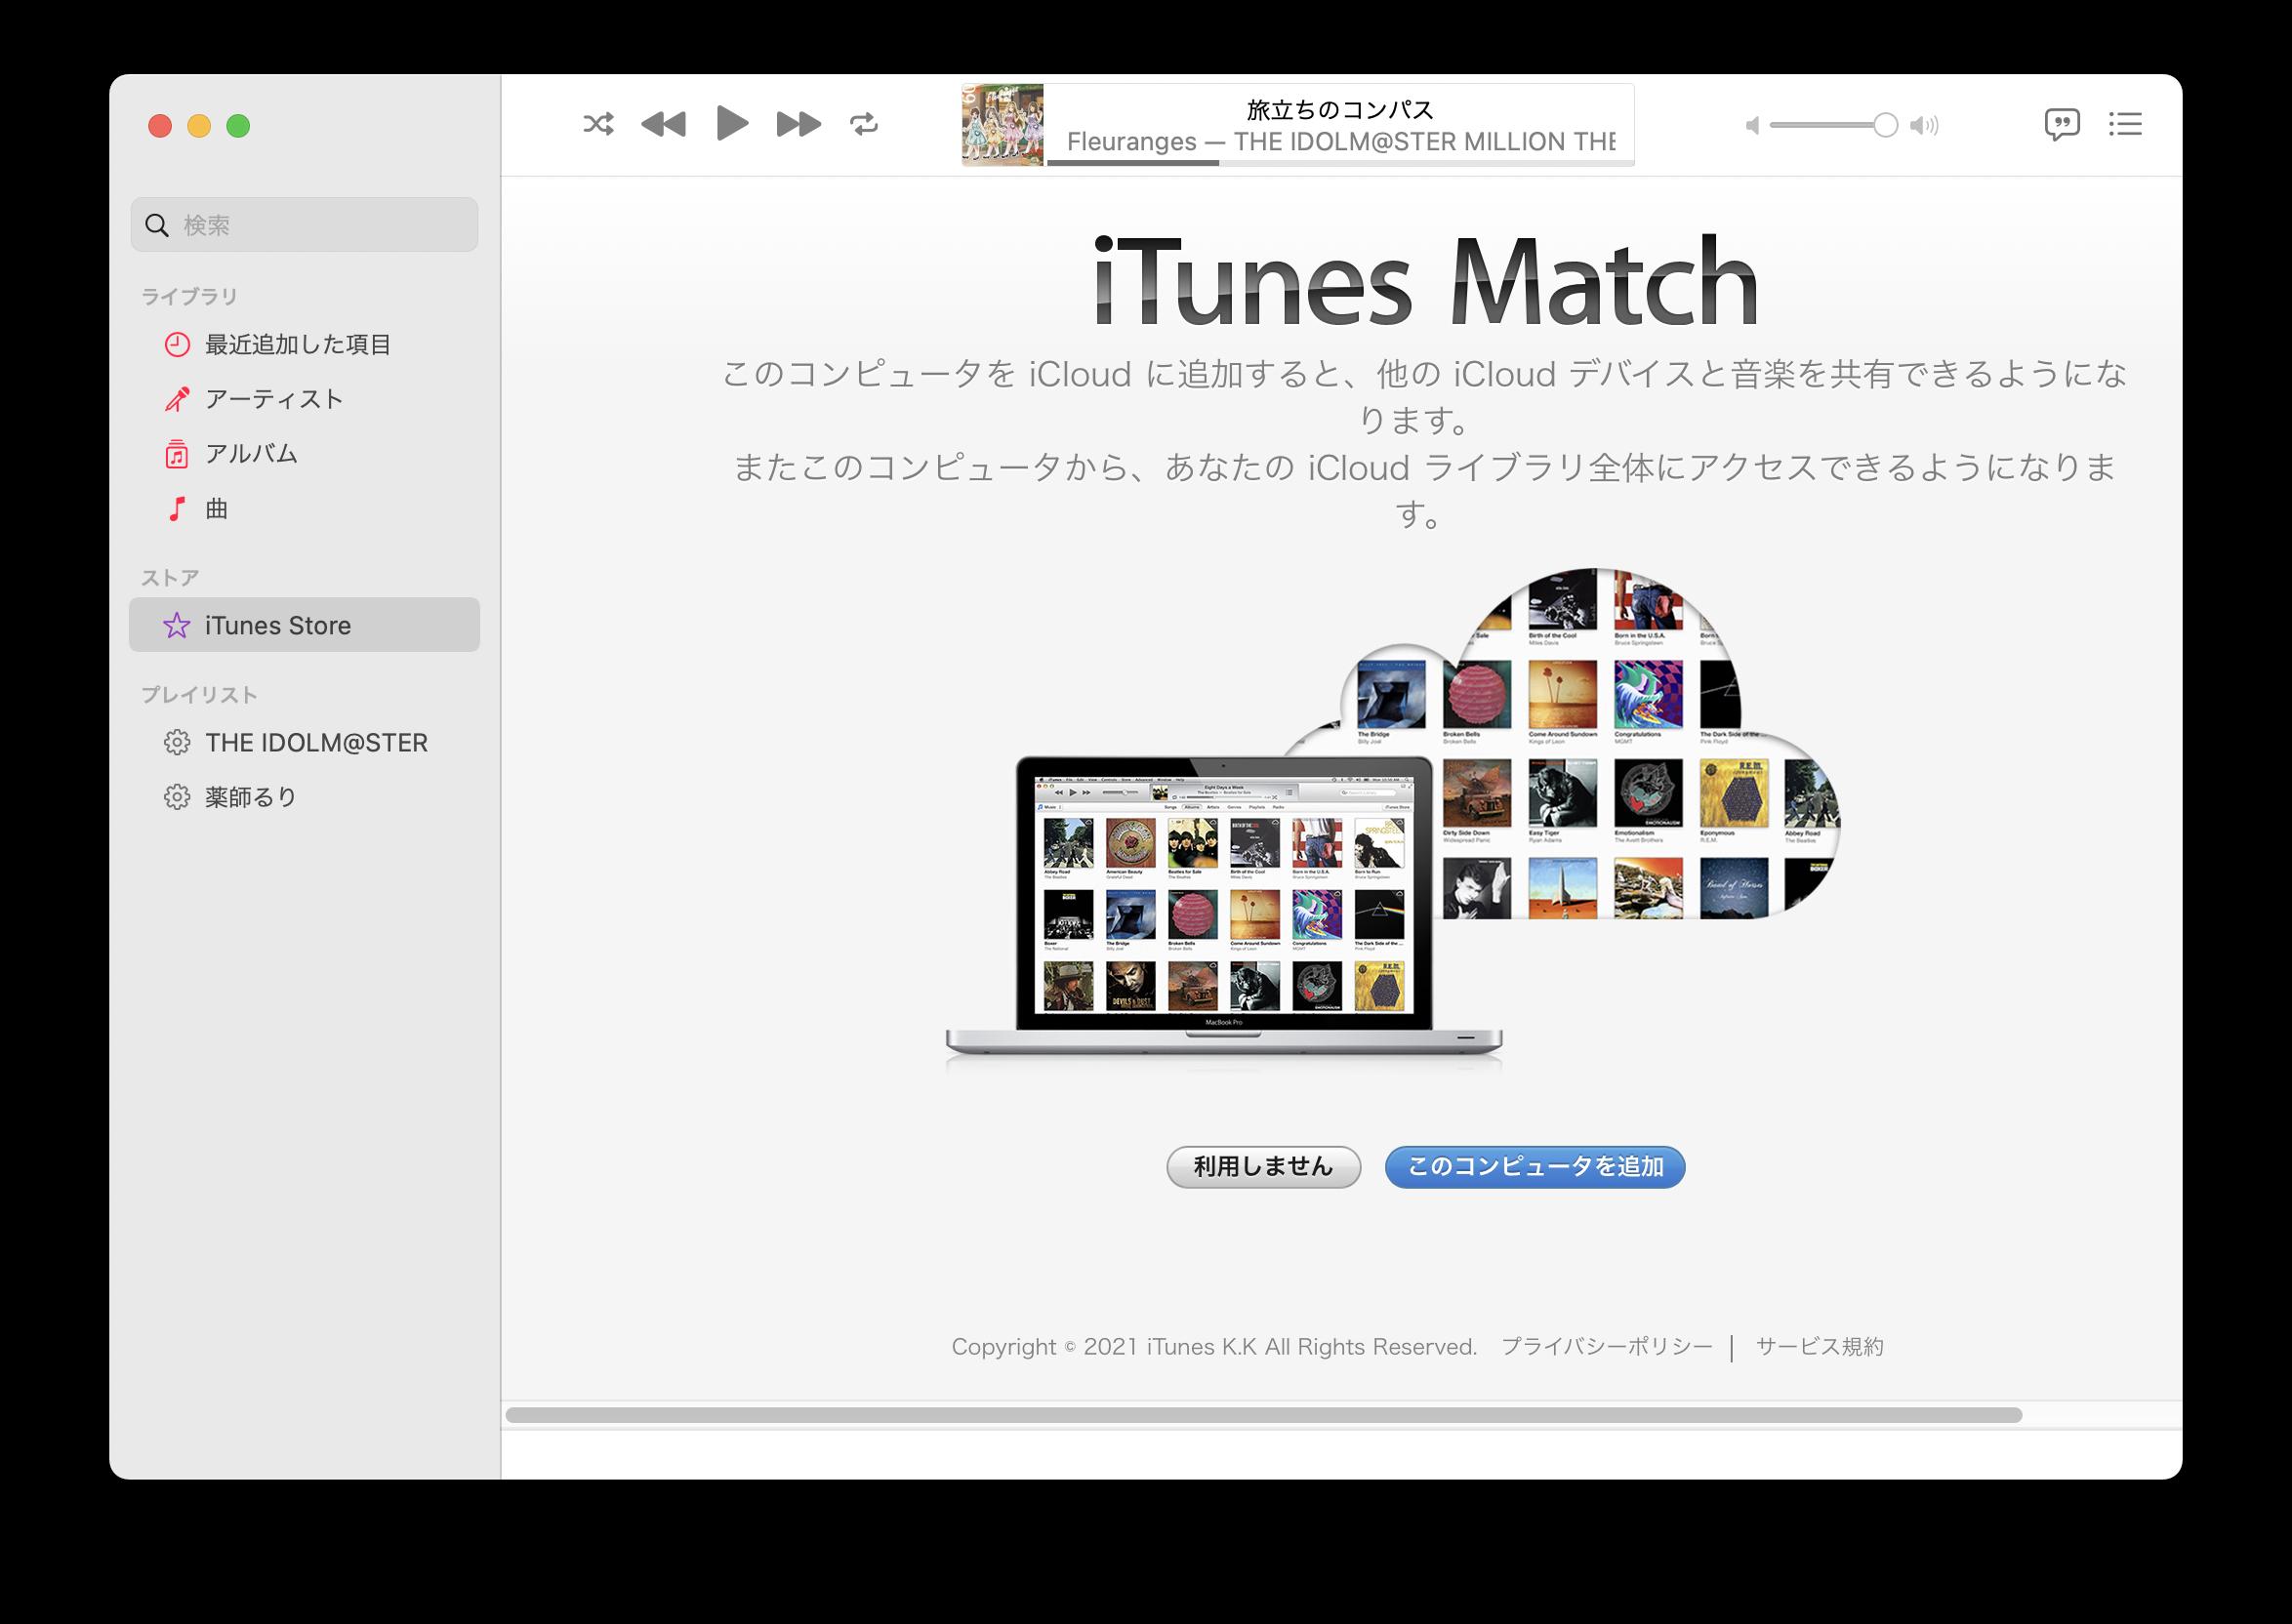 スクリーンショット 2021-01-05 18.29.39